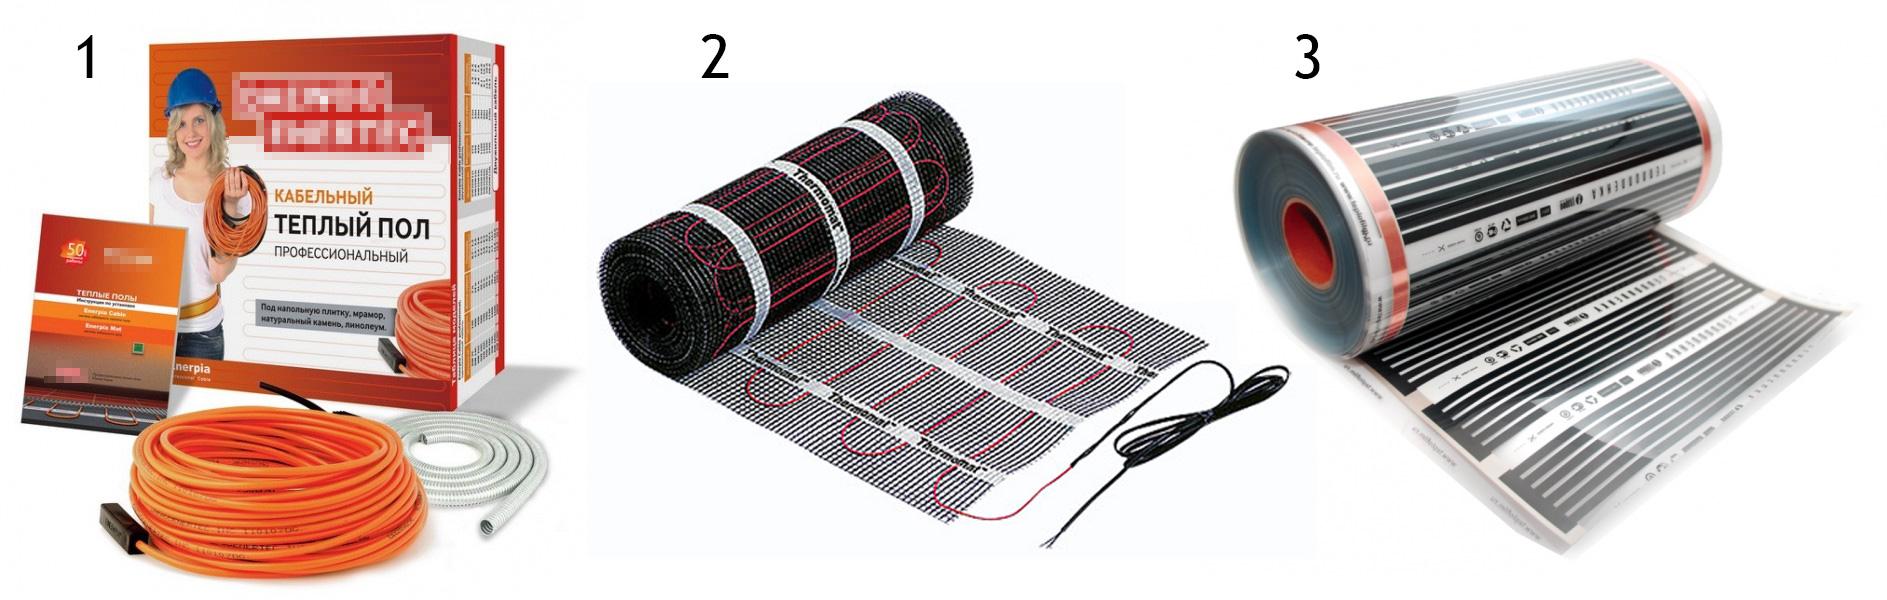 Виды электрических теплых полов: 1 - Кабельный. 2 - Кабельный с армирующей сеткой. 3 - Пленочный (инфракрасный)